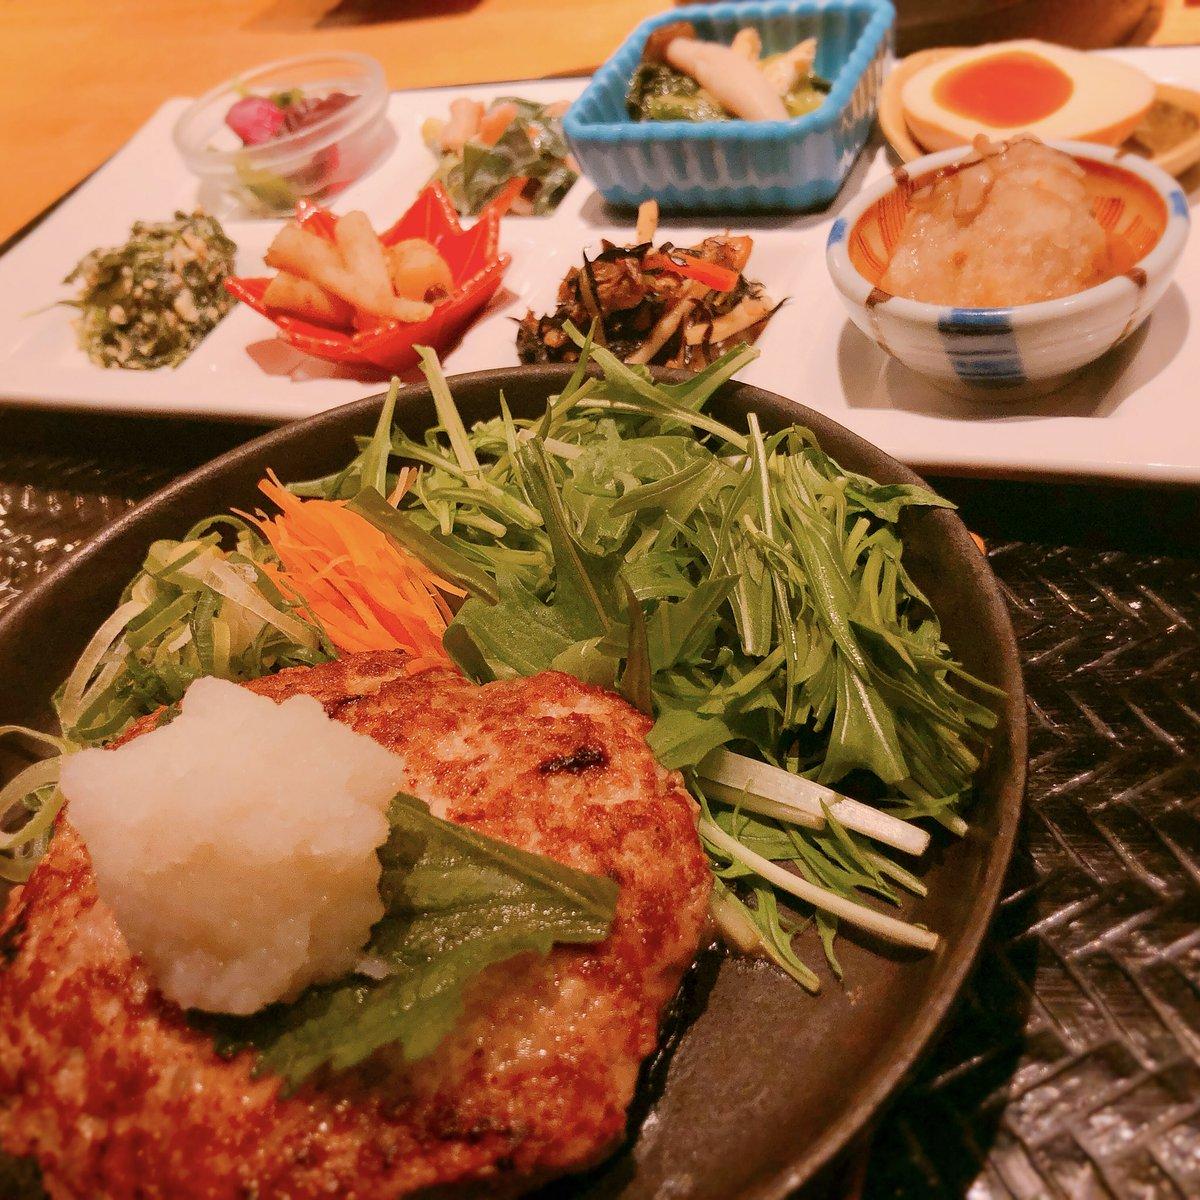 test ツイッターメディア - 今頃初詣。やっと行けた😆👍  京都には勉強をしに来ました。 仕事に活かしたくて😆  既に、何ヶ所かお参りし ガチャポンに夢中(笑)カエルさんが可愛い。  そして、ゆったりとぼっちご飯。 厨房丸見えの席は、ミステリーショッパーになった気分😂  勉強しに来たはずなのに💦 https://t.co/3N6hgLqYOM